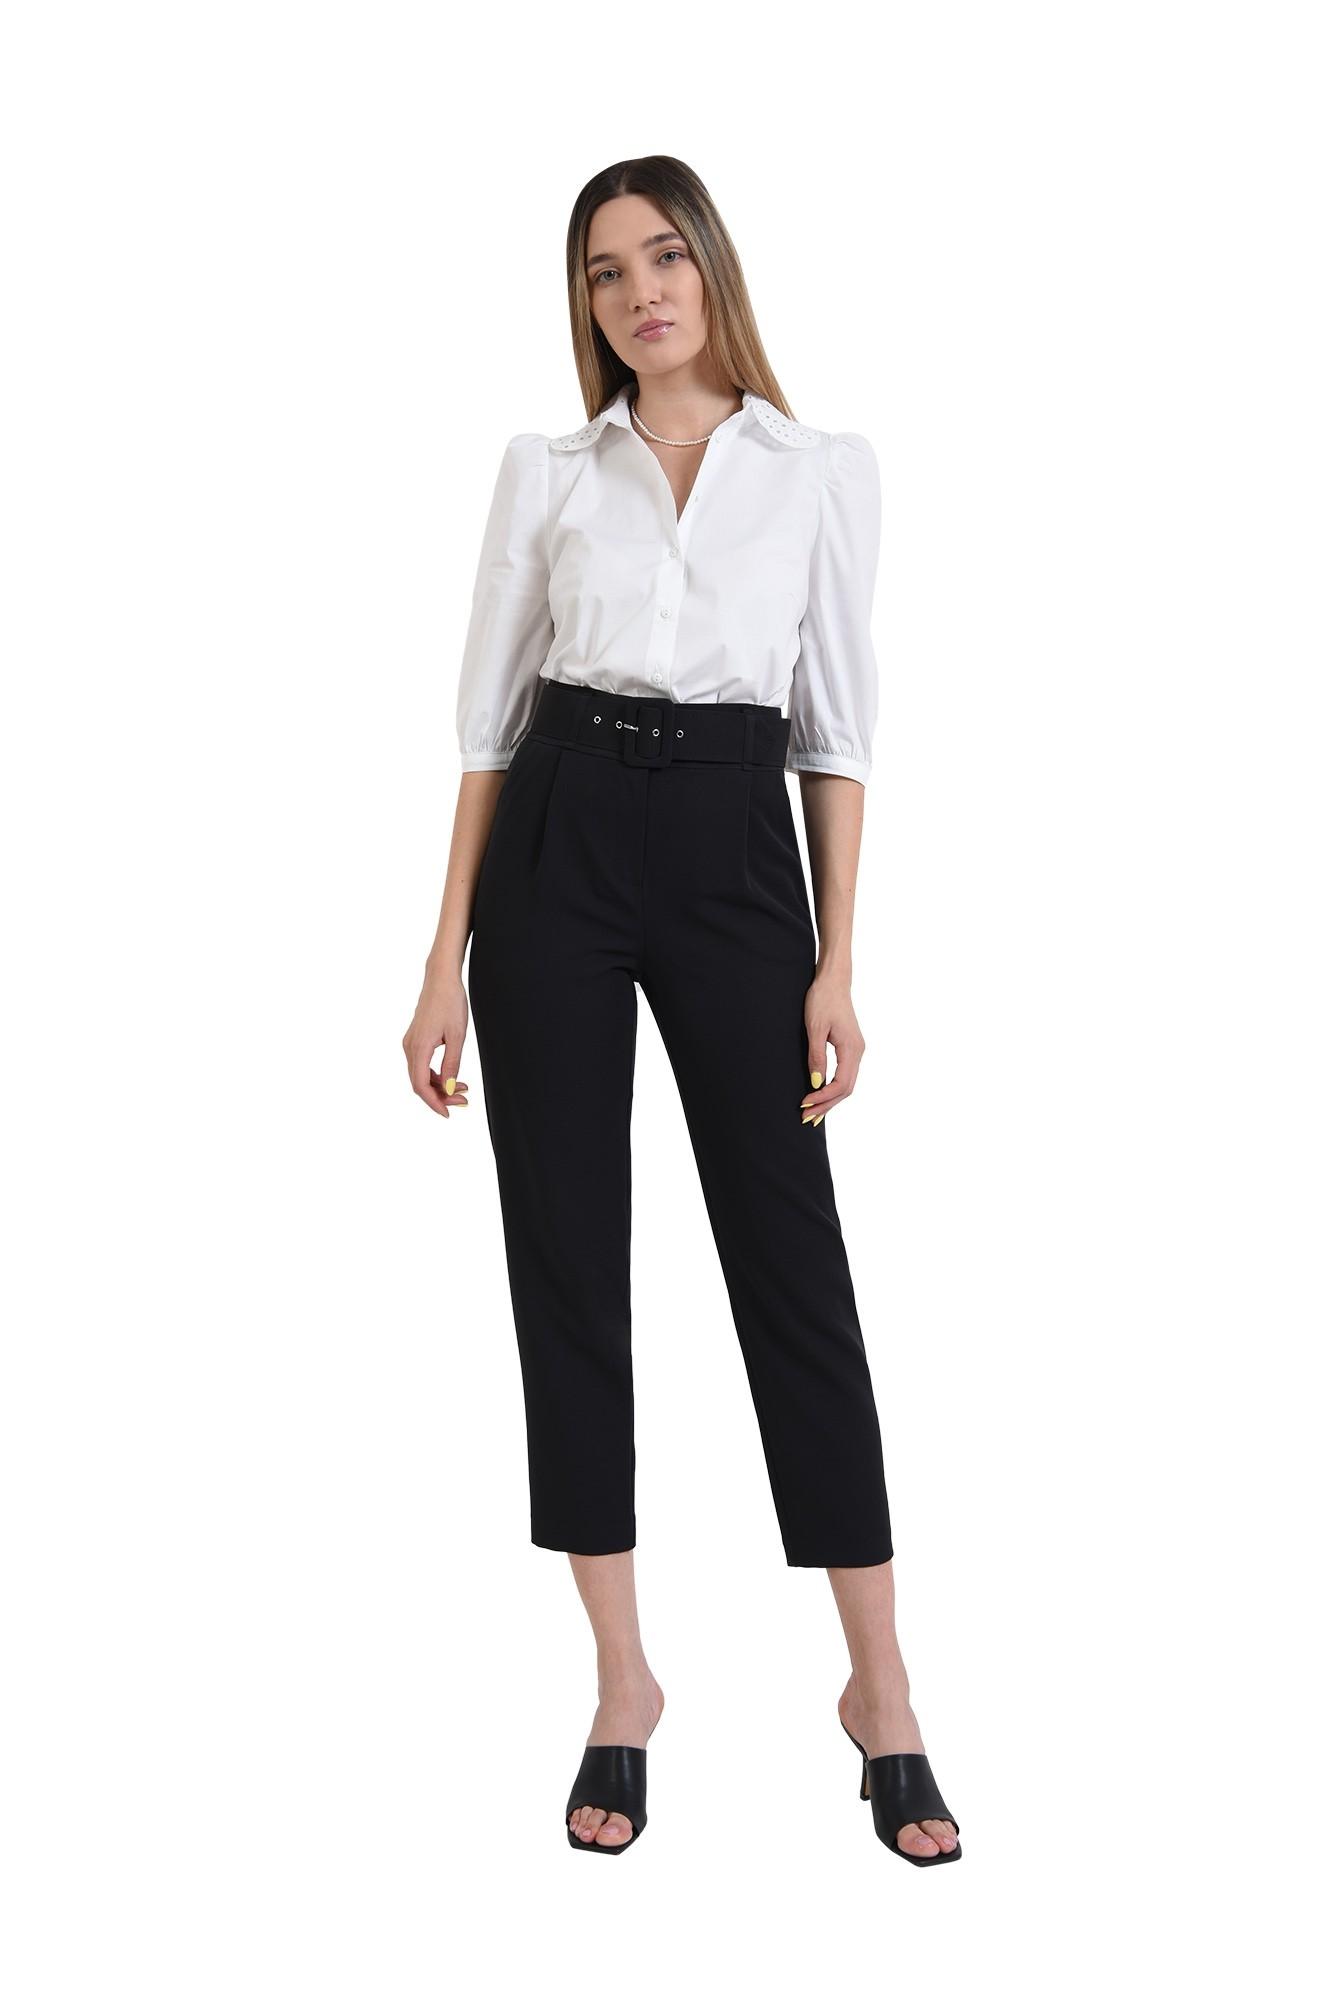 pantaloni conici, office, cu centura, negri